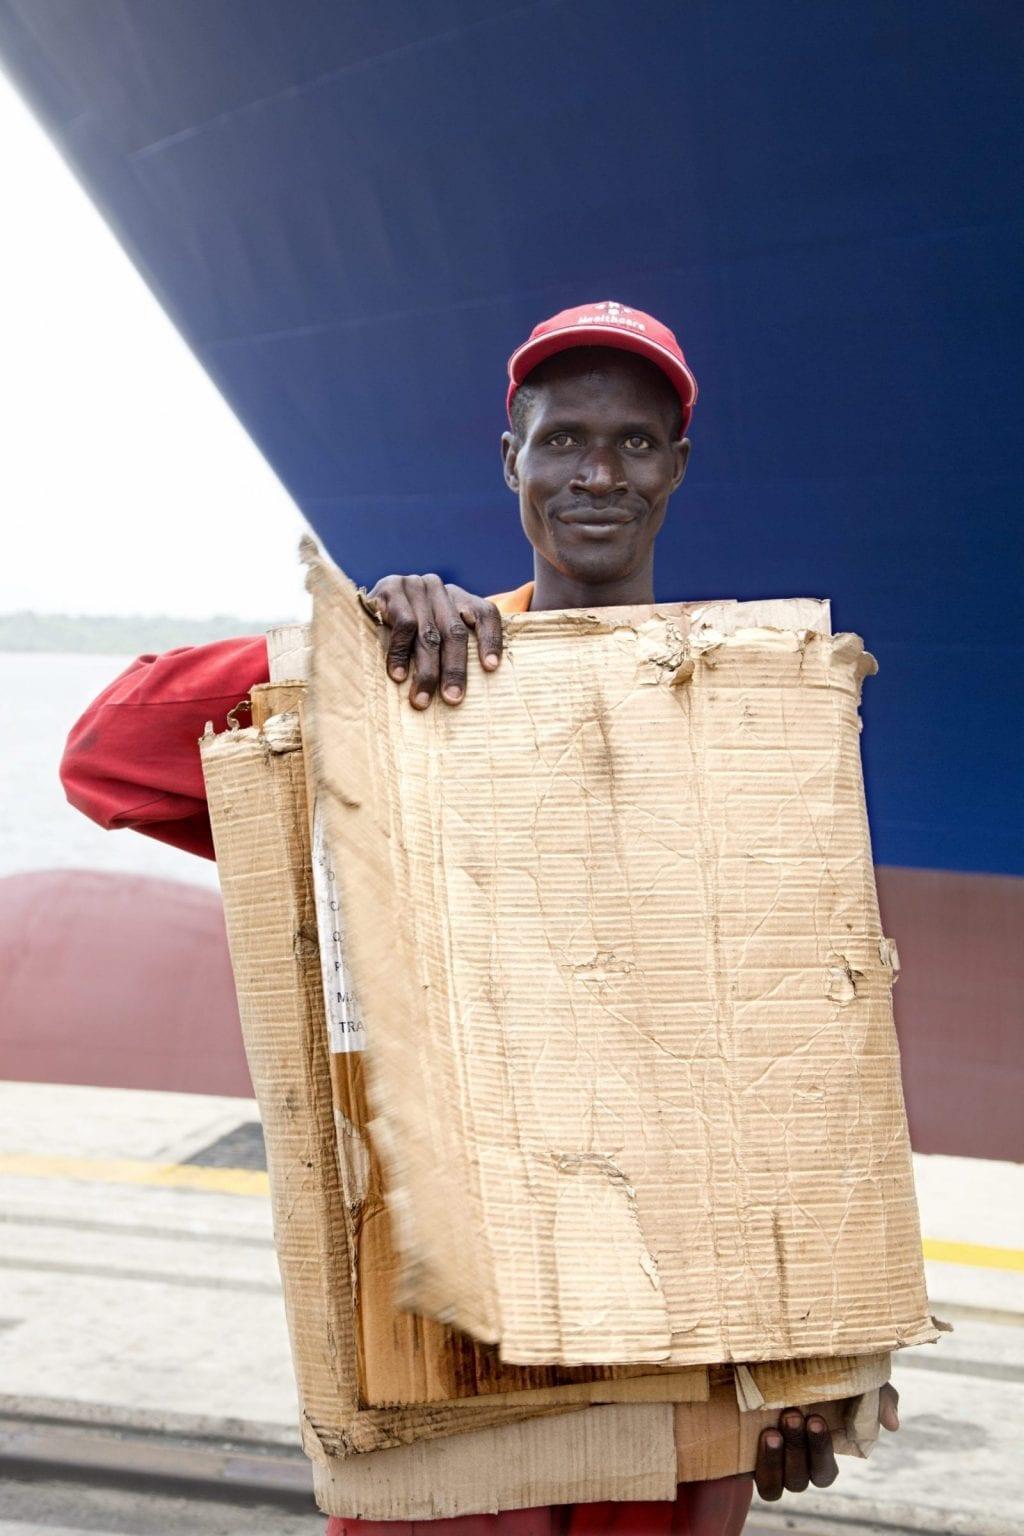 """""""Vi har vores senge herude. De der karton-ting – afrikanske senge"""", forklarer arbejdere, der er i færd med at laste et Mærsk-skib. De griner, mens en henter et par usamlede papkasser, og viser, hvad en """"afrikansk seng"""" er. Foto: Linda Bournane Engelberth"""